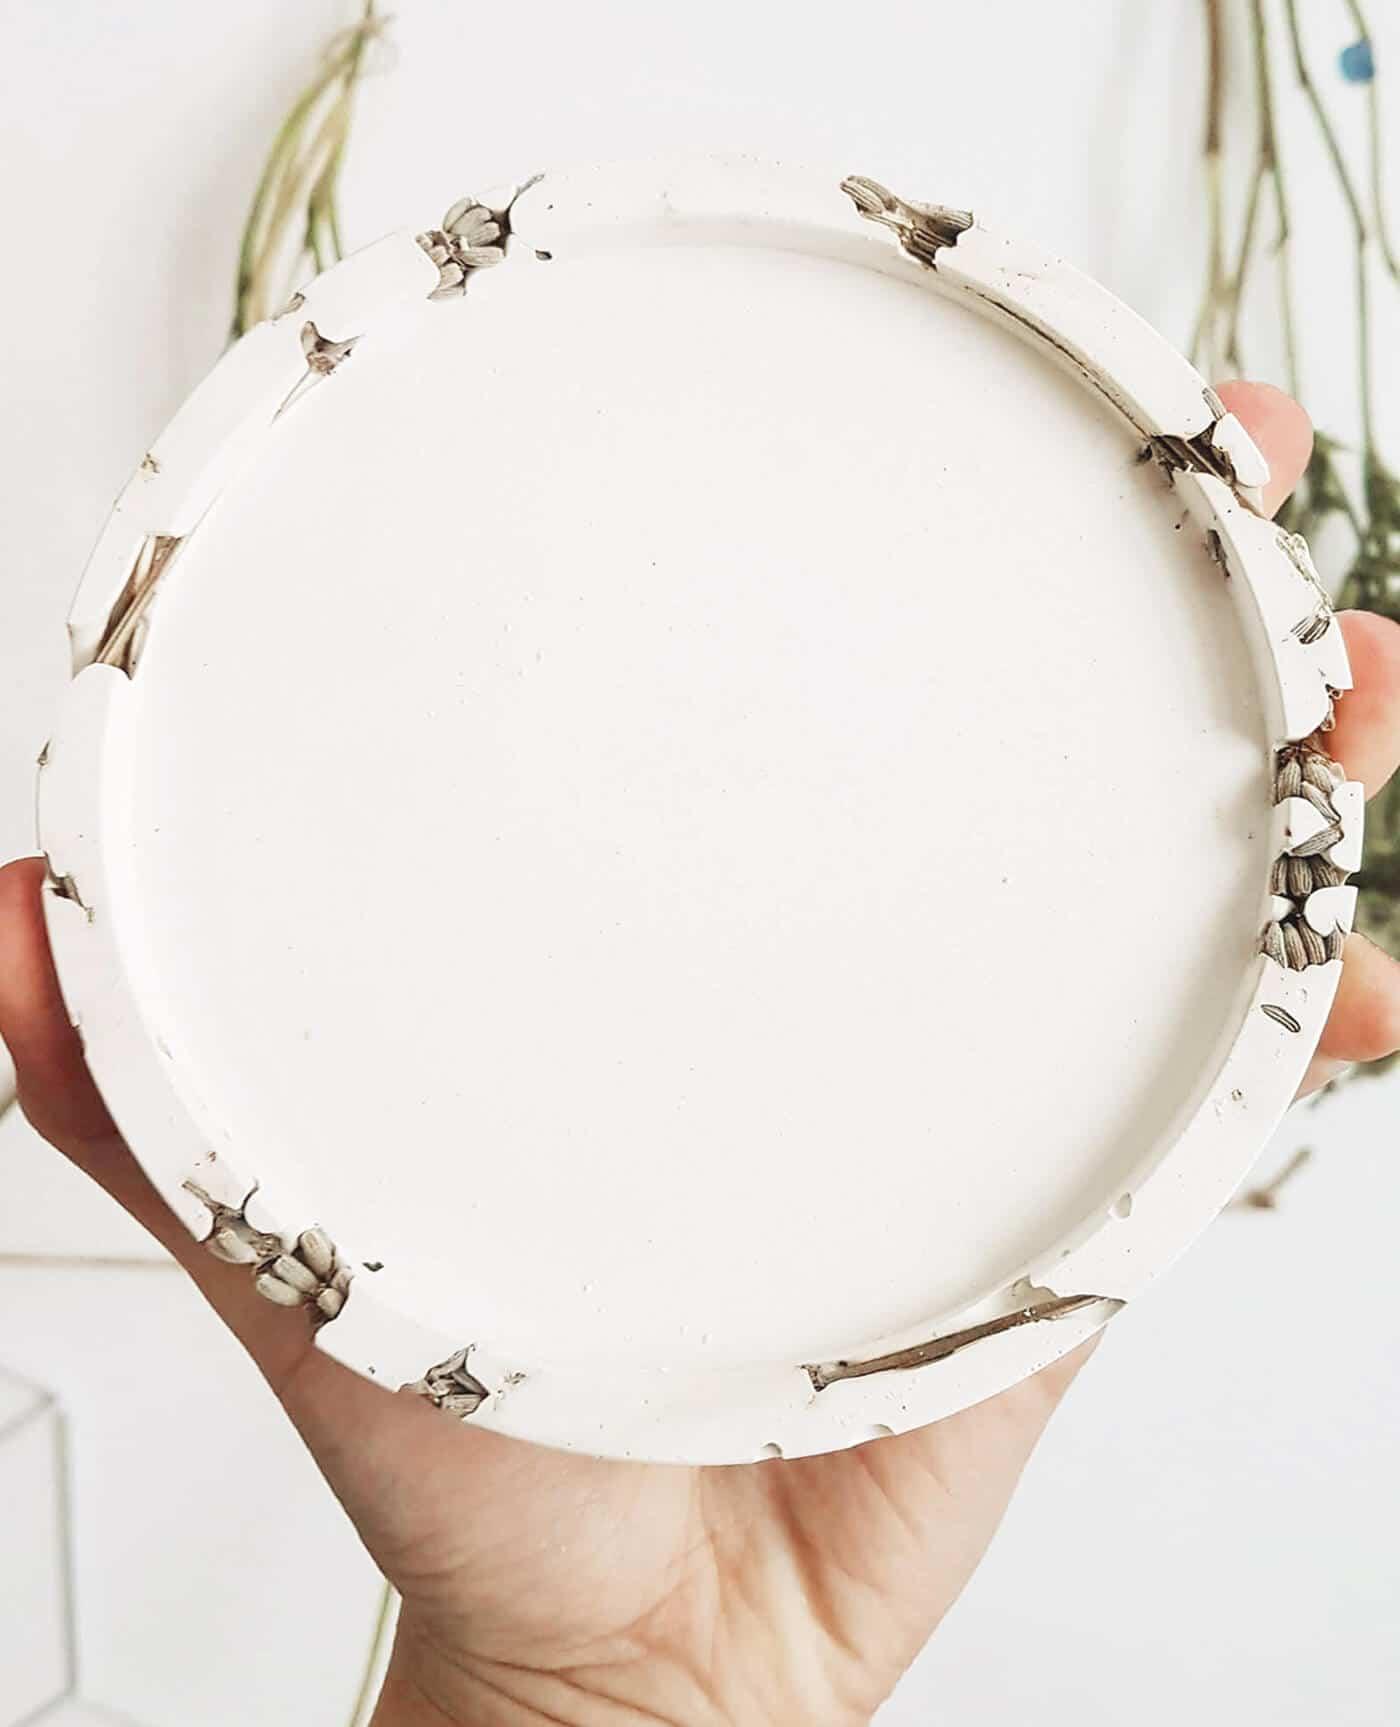 Socle support naturel lavande pour bougies fleuries de la marque Ponoie Made in France